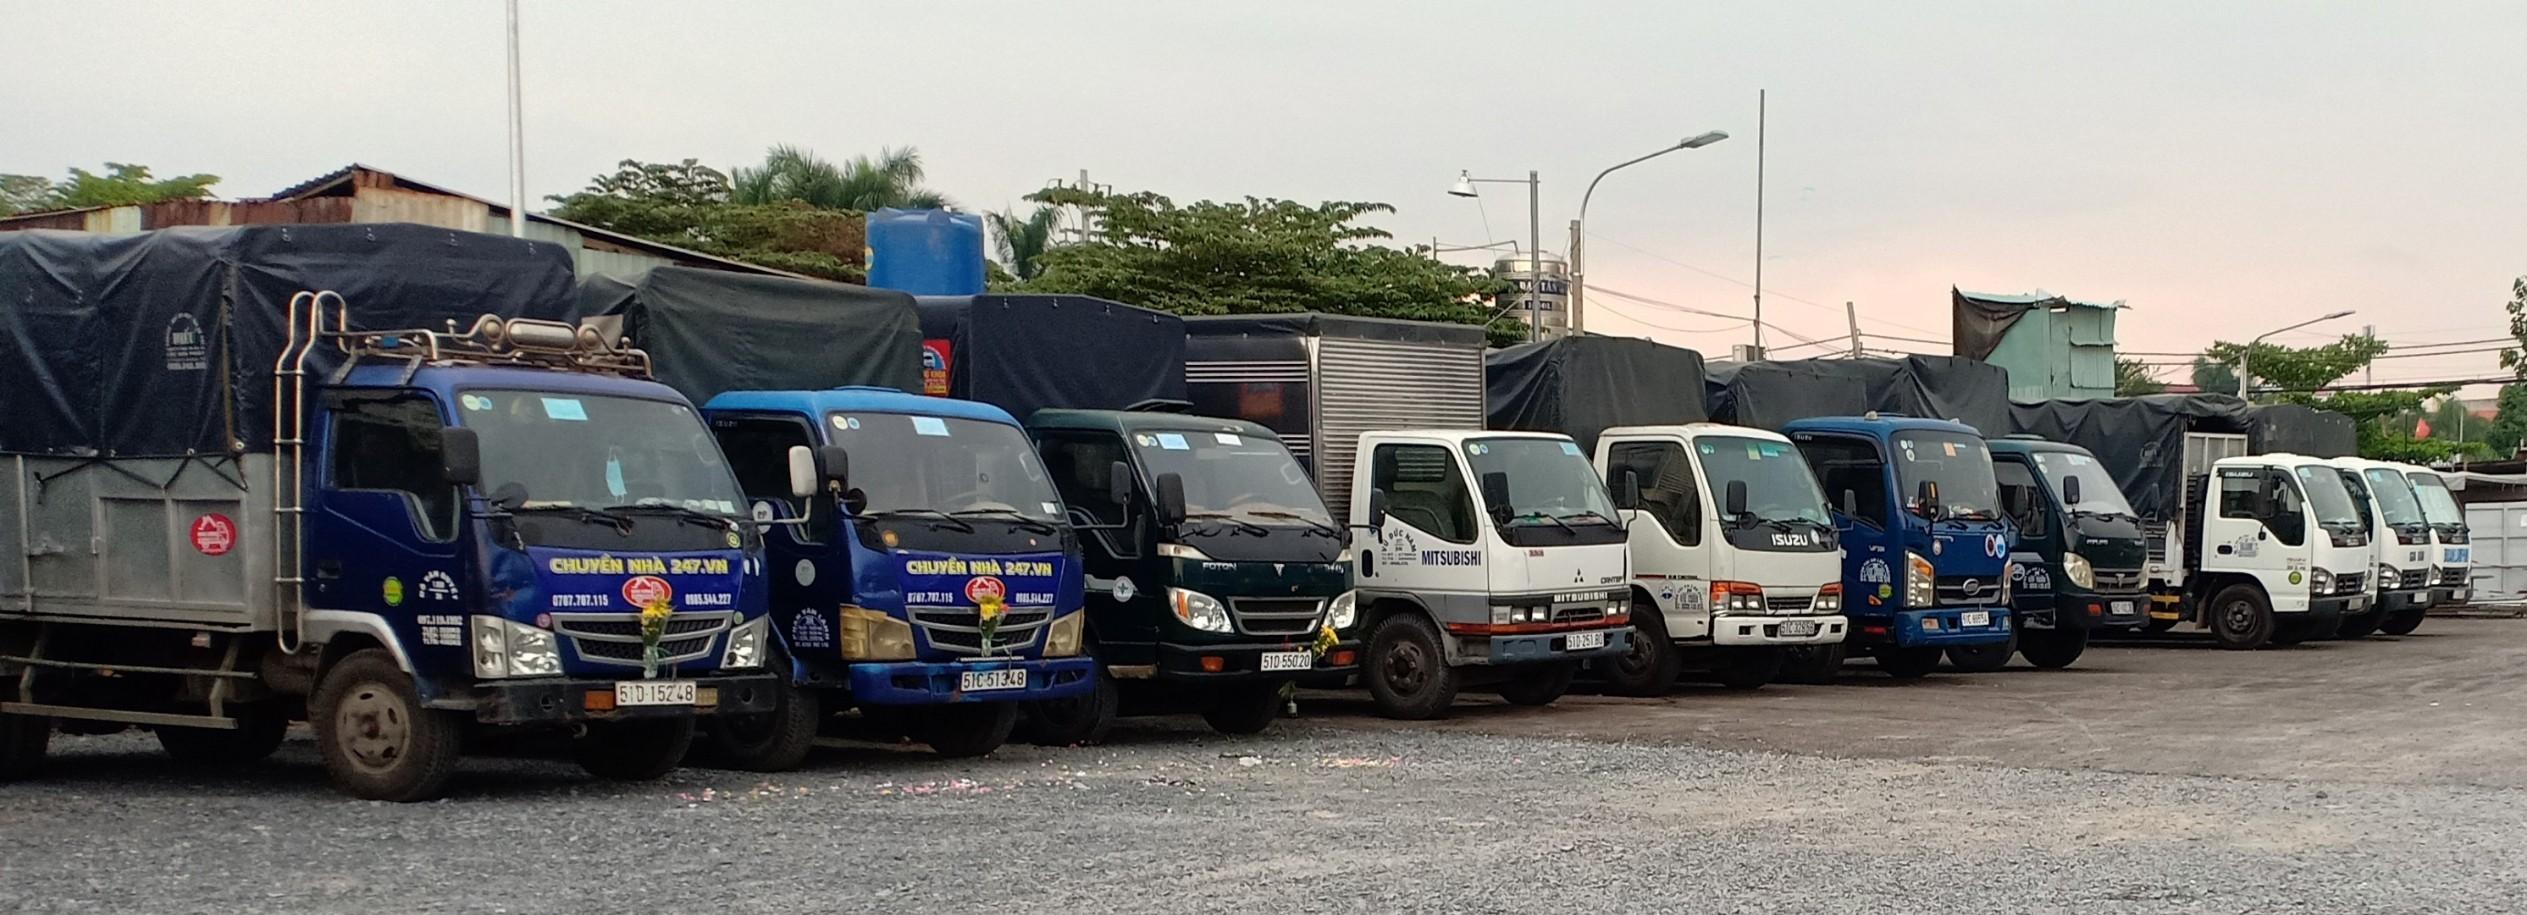 đội xe taxi tải chở hàng quận 5